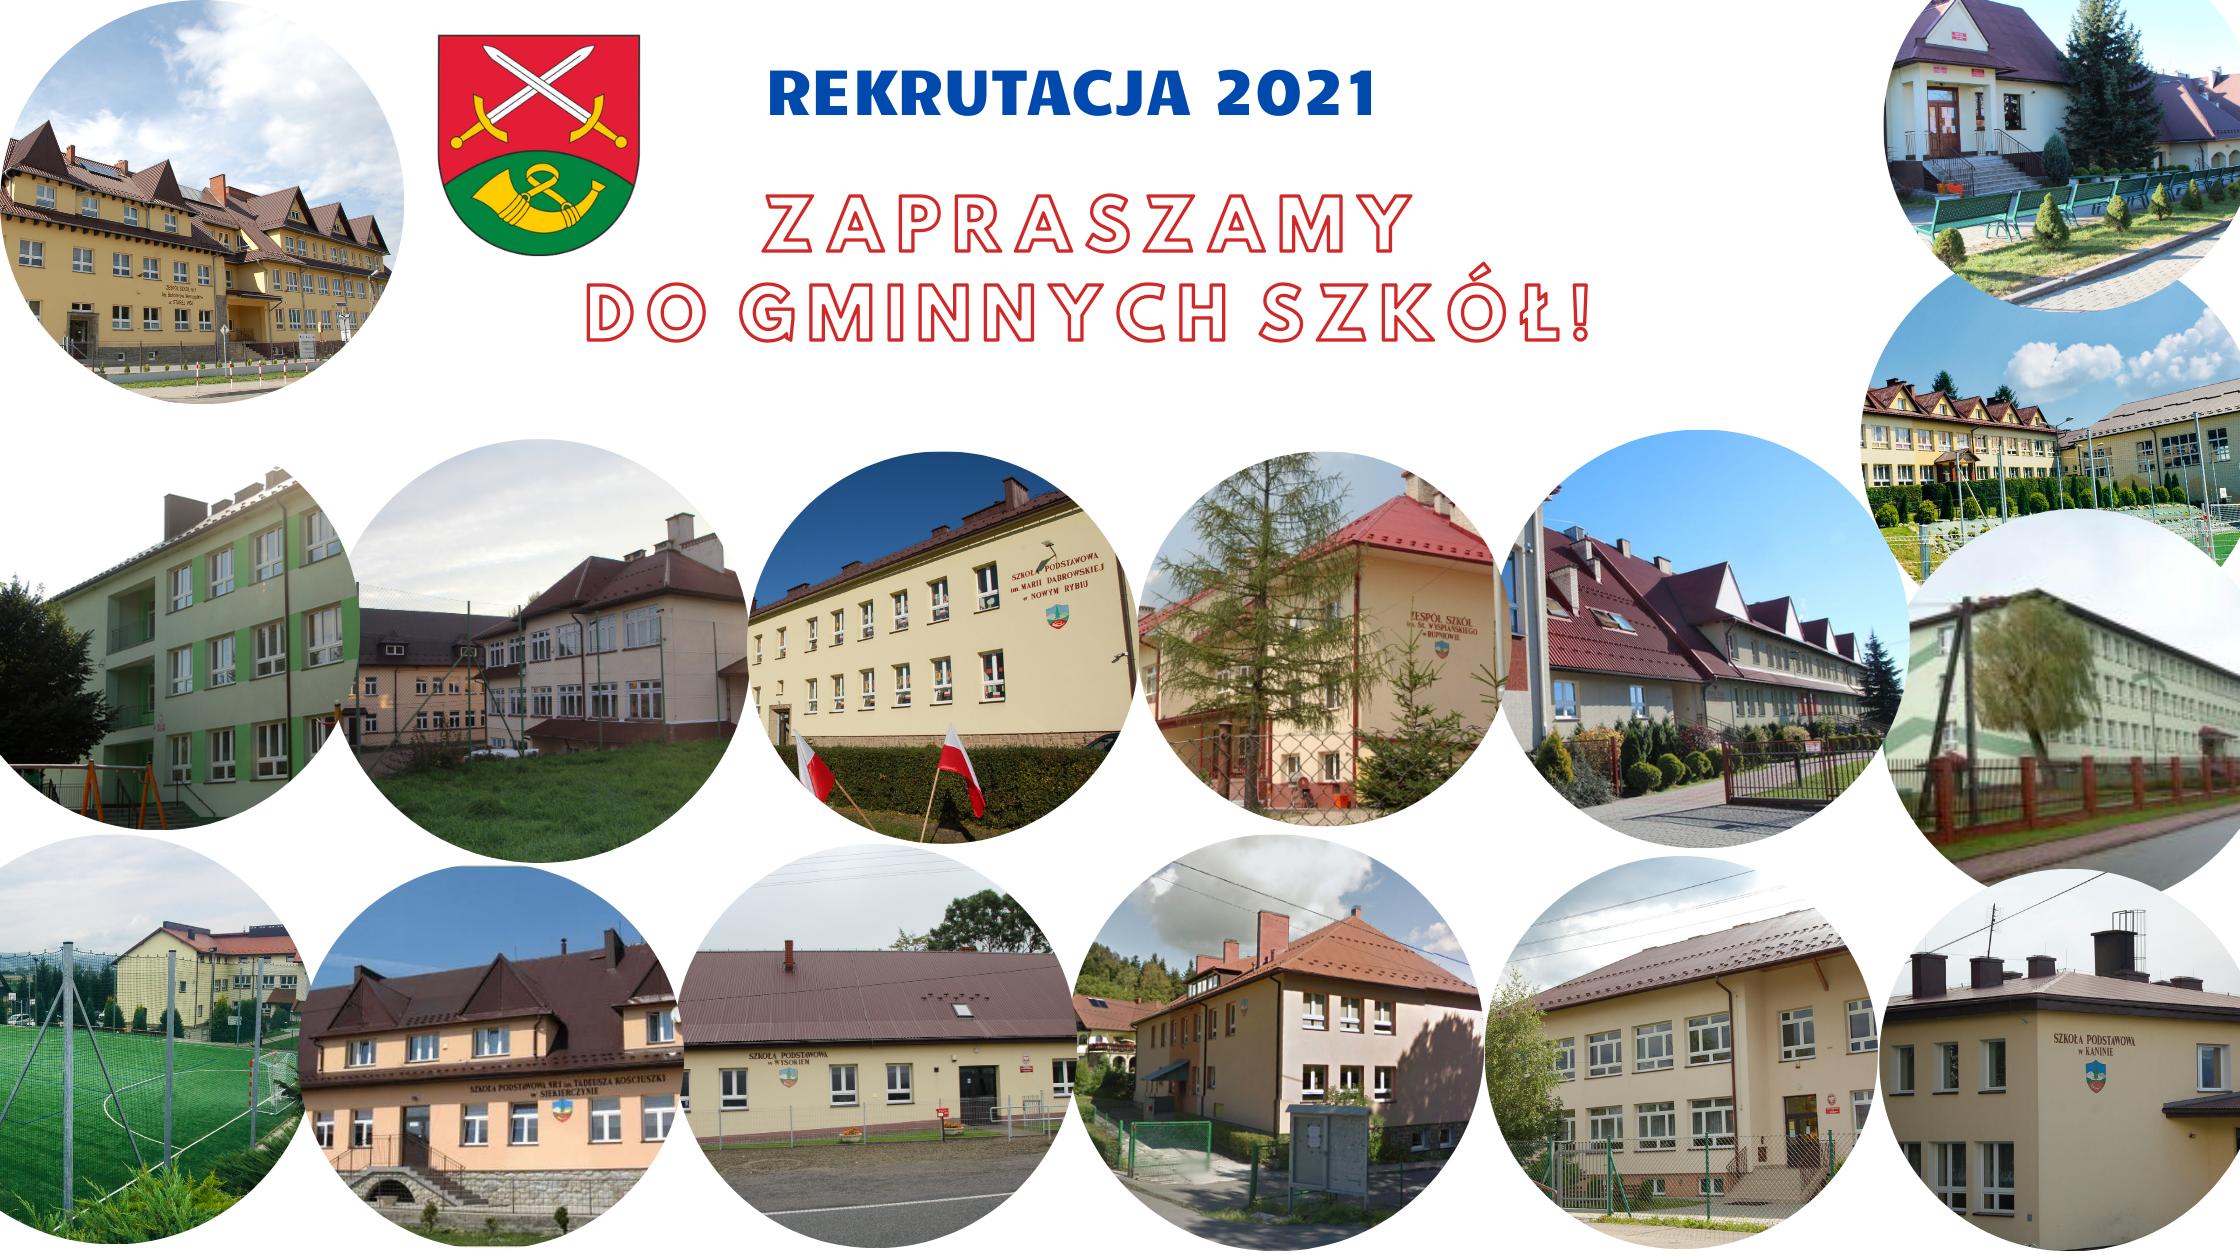 Rekrutacja 2021- zachęcamy do zapisywania dzieci  do gminnych szkół! - zdjęcie główne